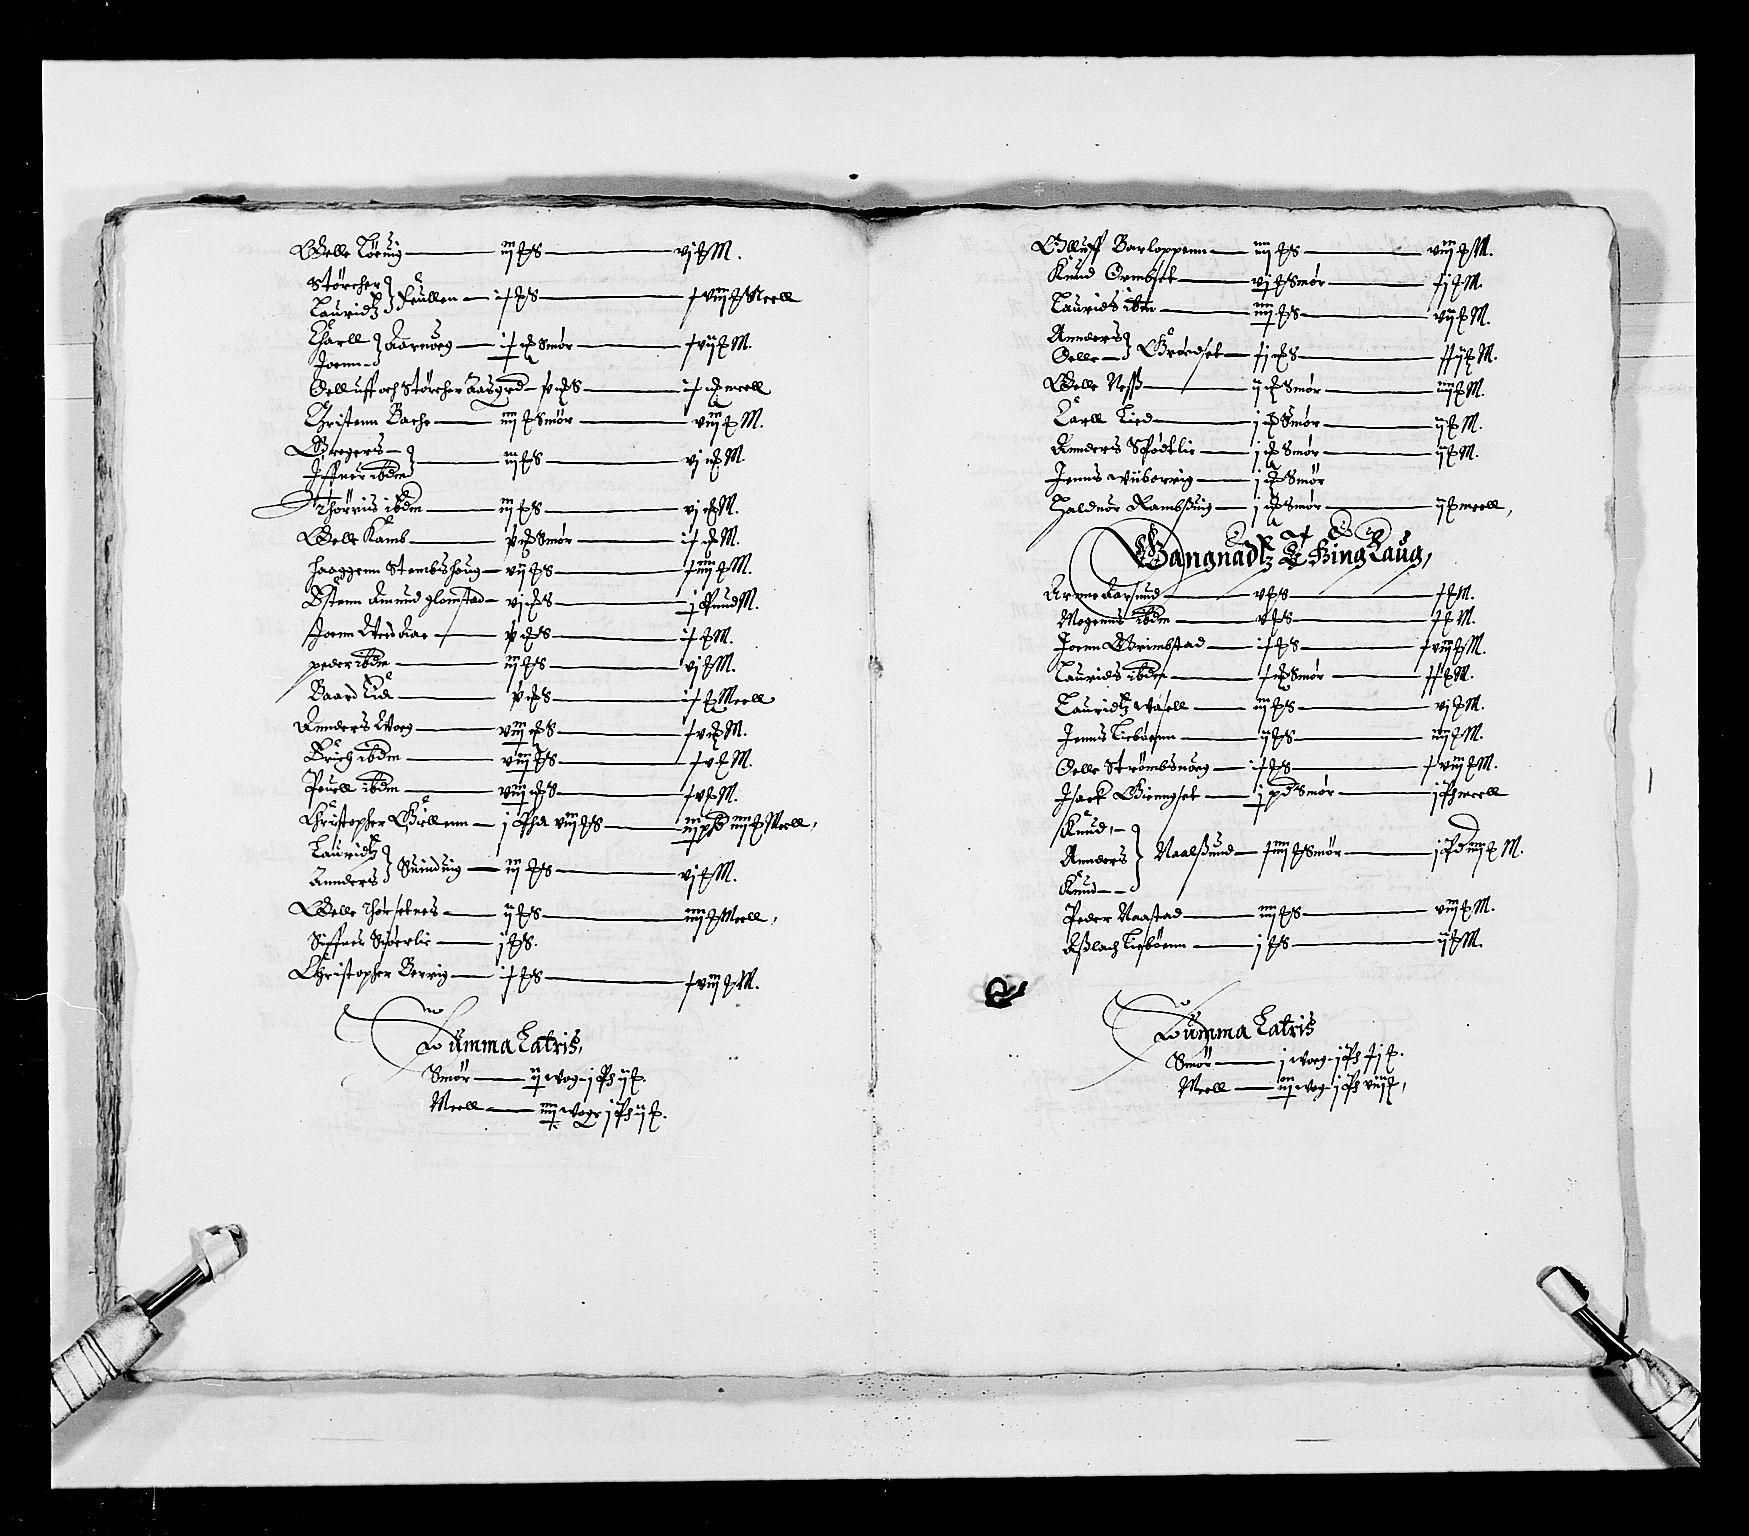 RA, Stattholderembetet 1572-1771, Ek/L0028: Jordebøker 1633-1658:, 1645-1646, s. 18